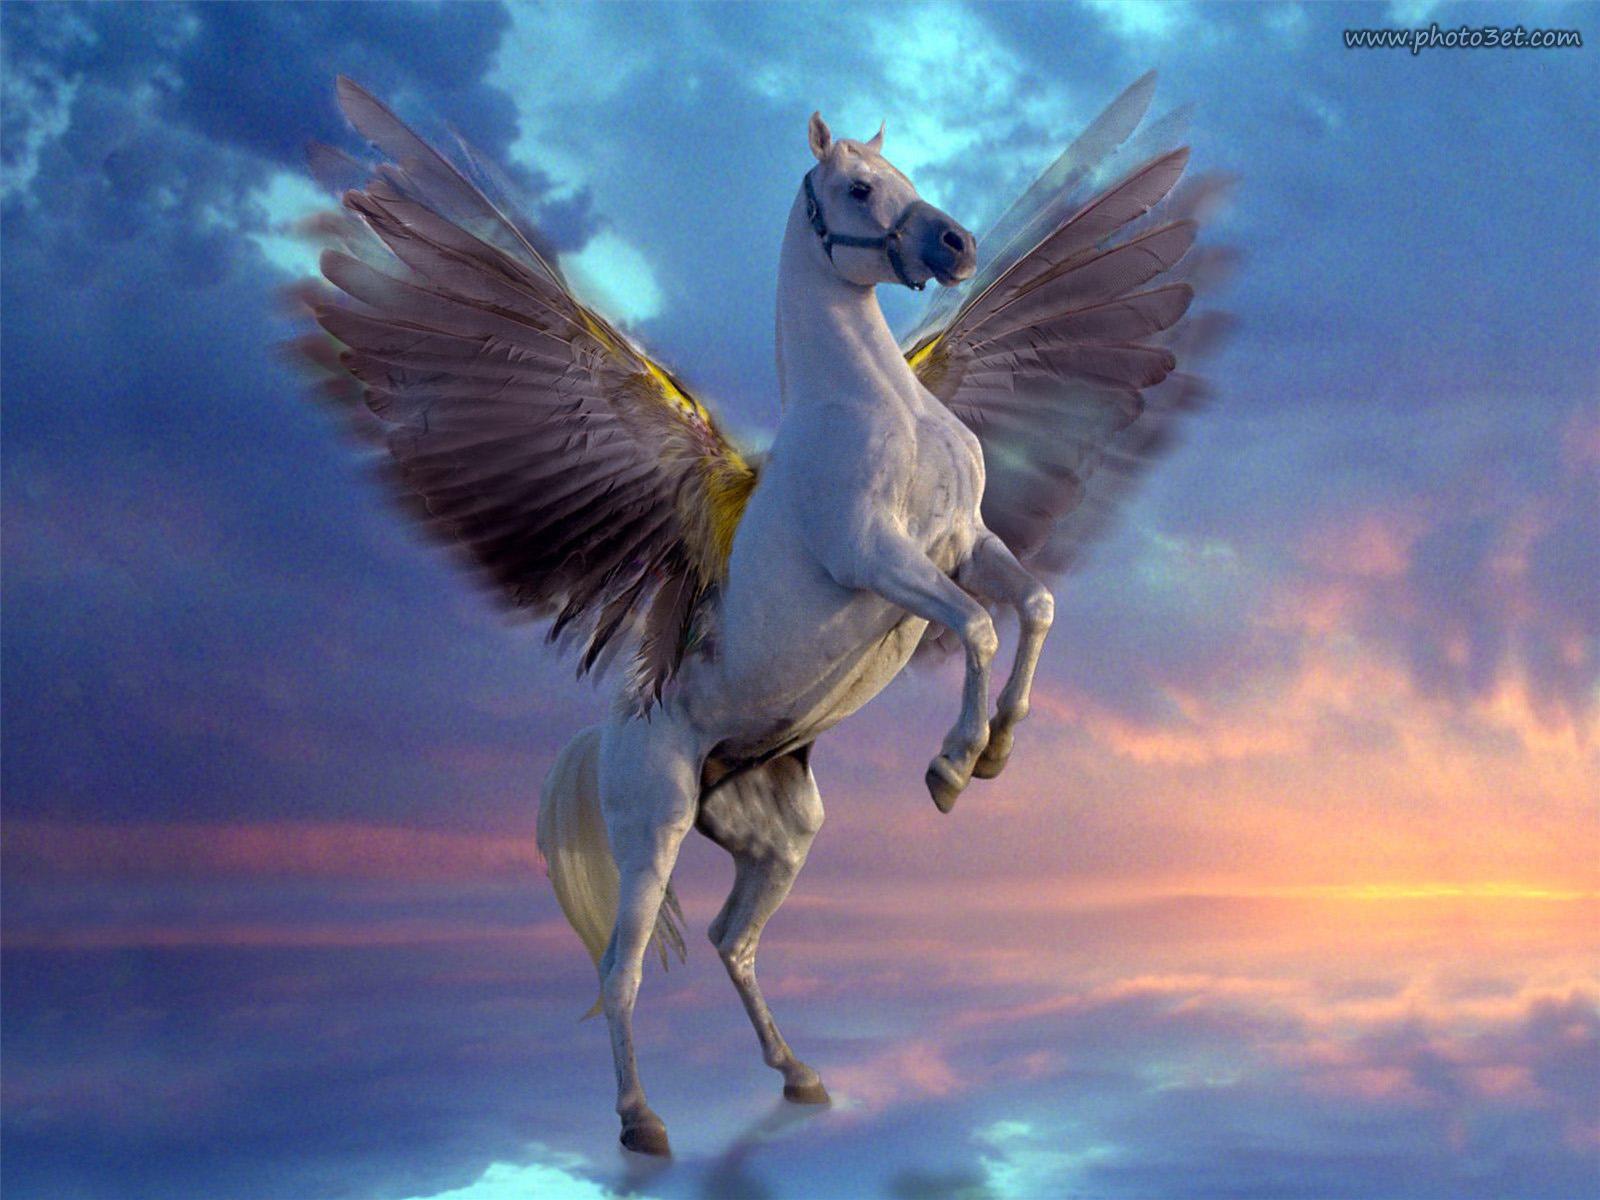 تصویر فانتزی اسب بال دار در حال پرواز